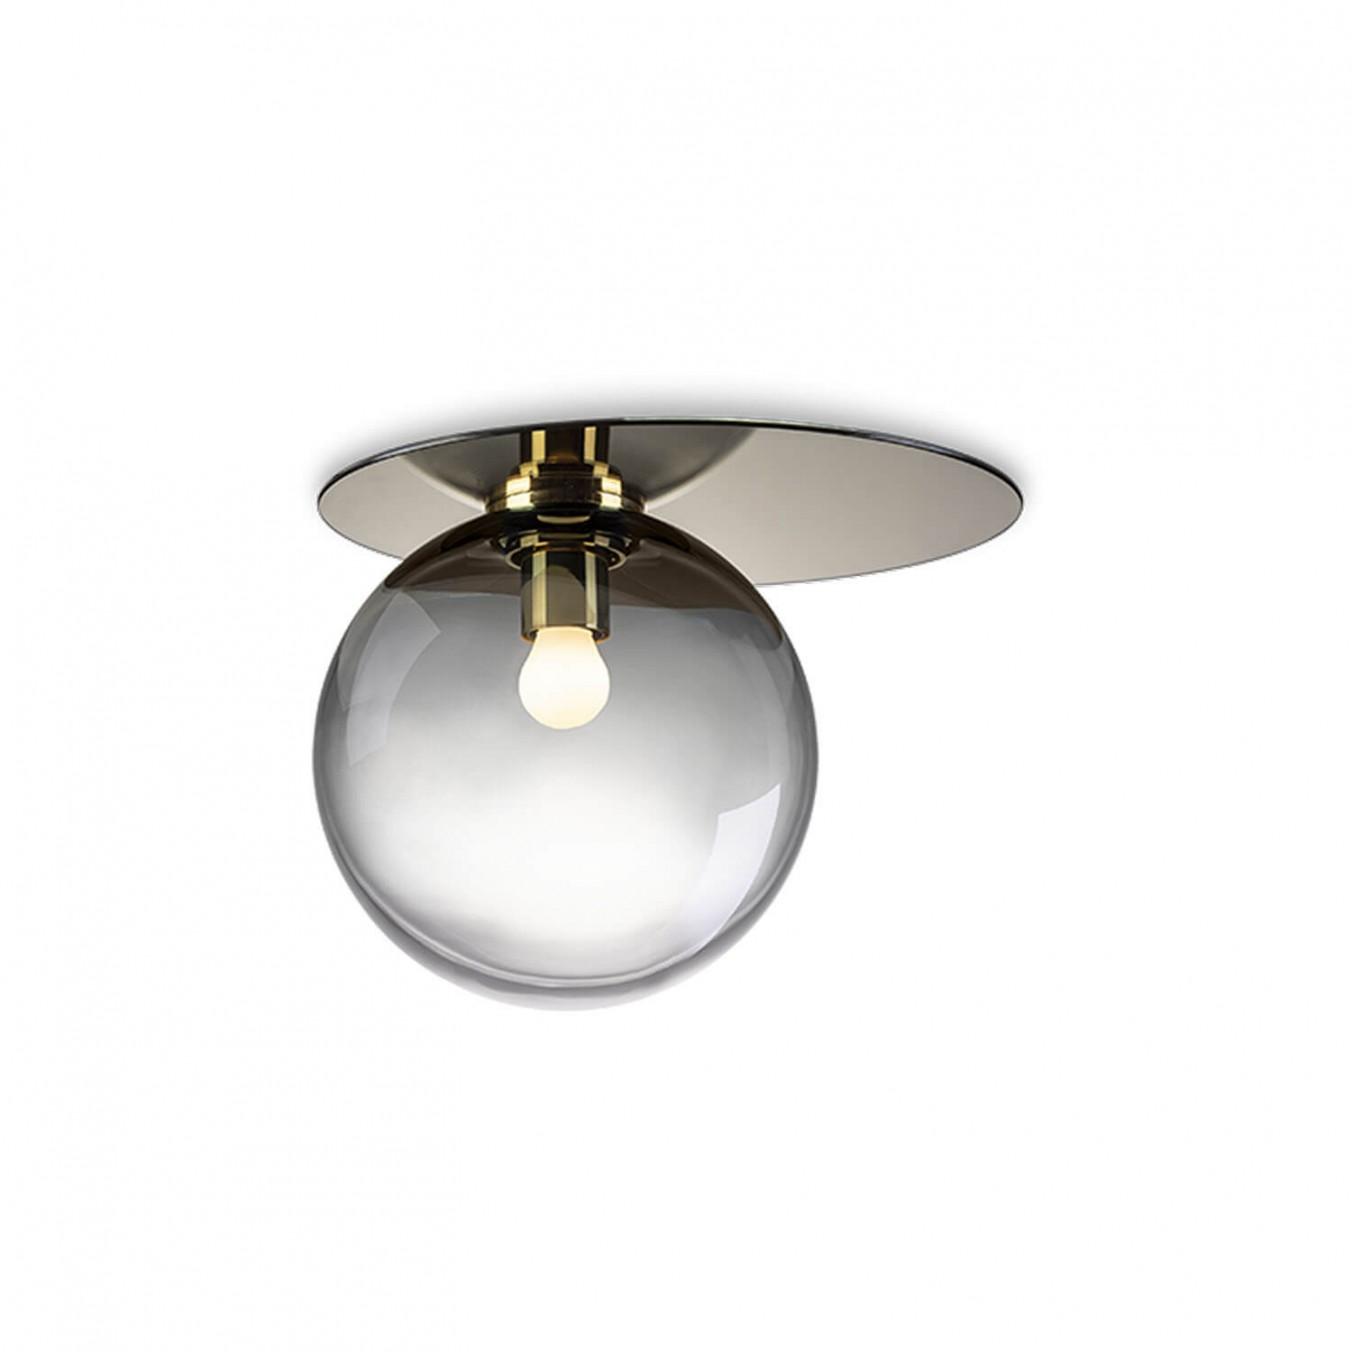 Umbra Ceiling Light